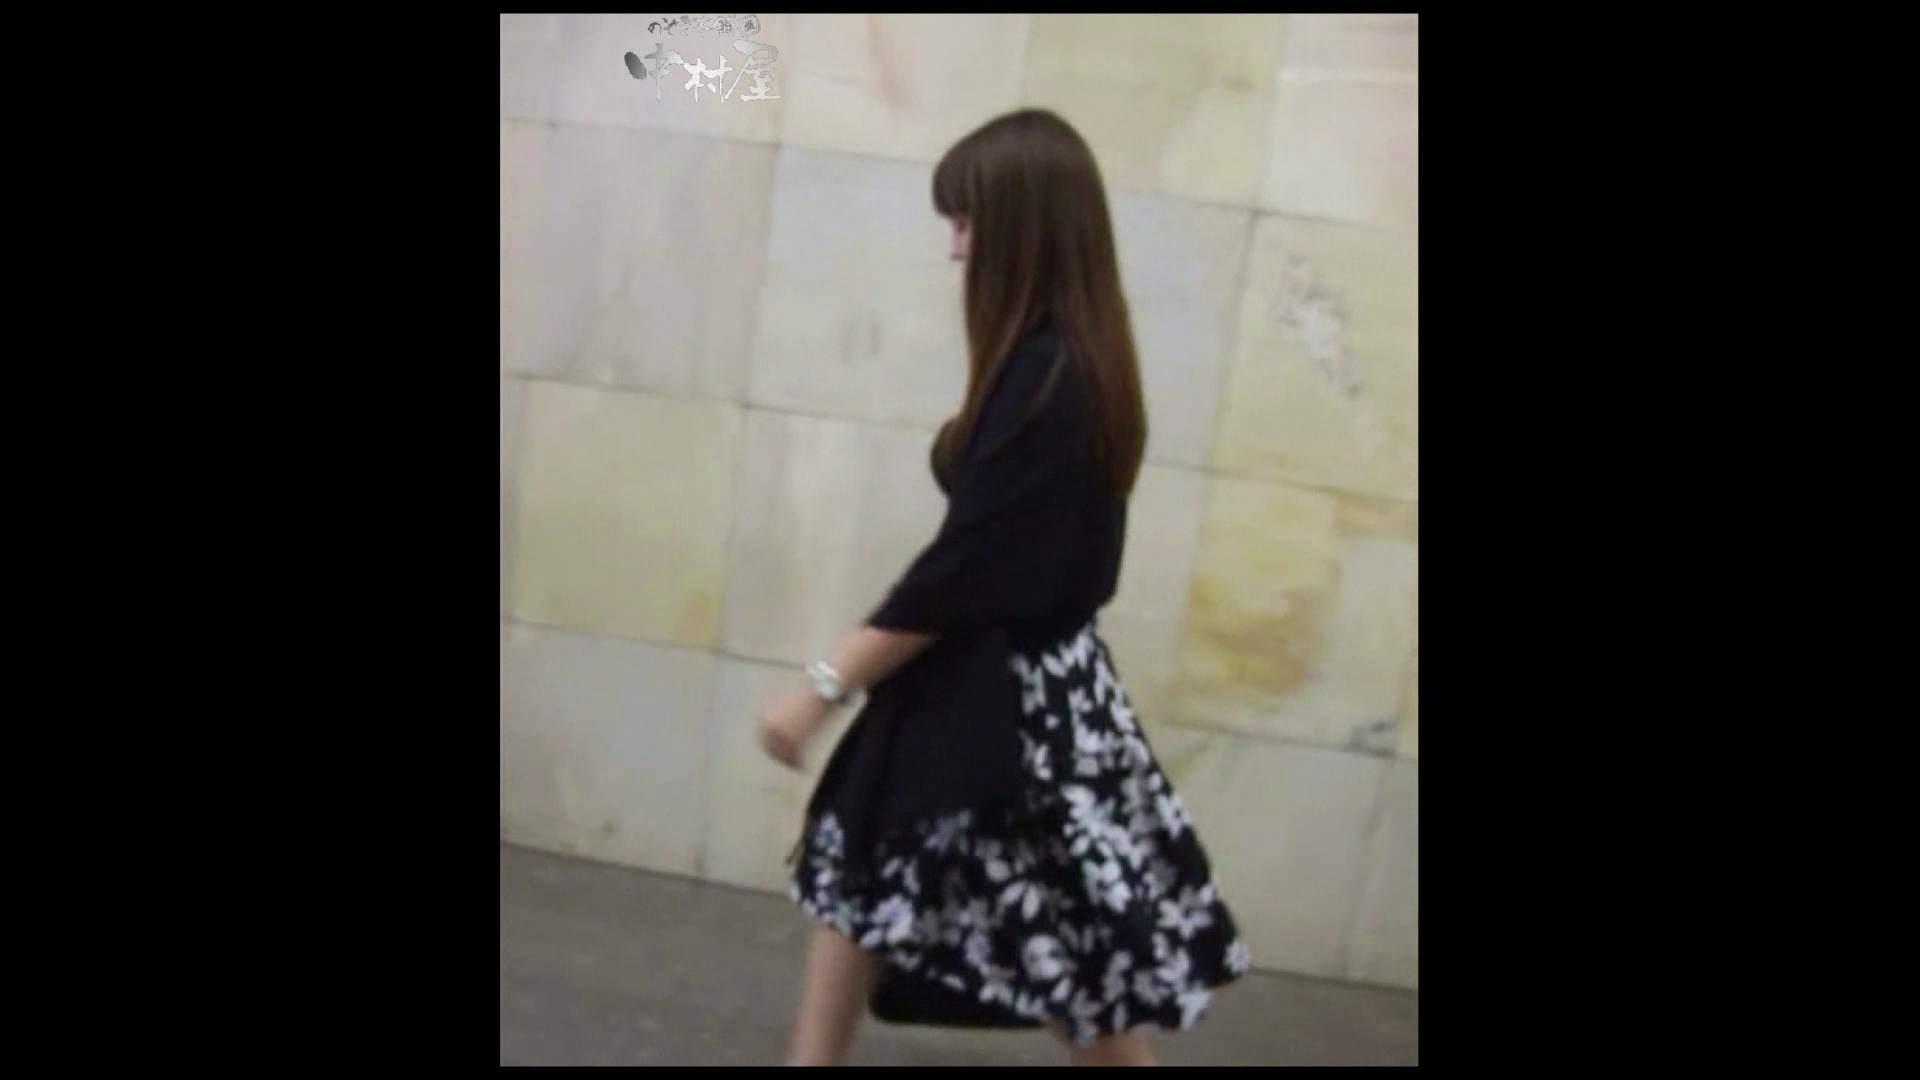 綺麗なモデルさんのスカート捲っちゃおう‼ vol29 エロいお姉さん | 0  10枚 9